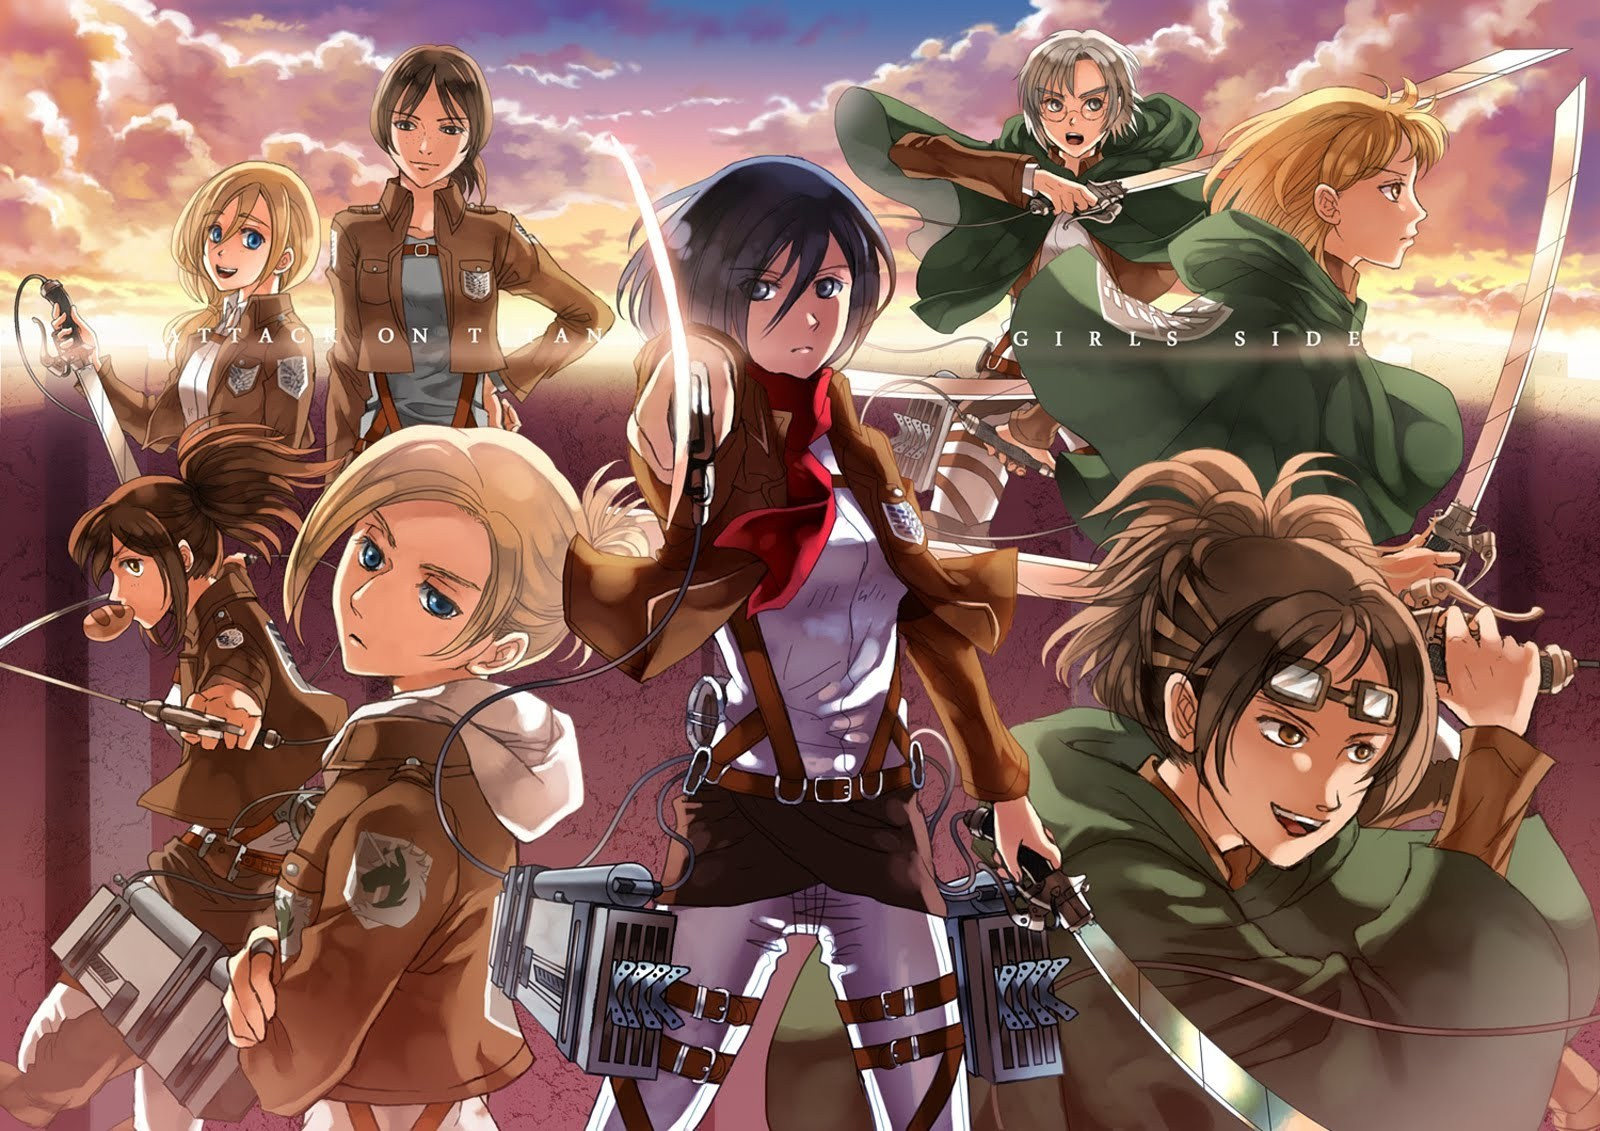 Визуальная новелла - visual novel - qwe.wiki